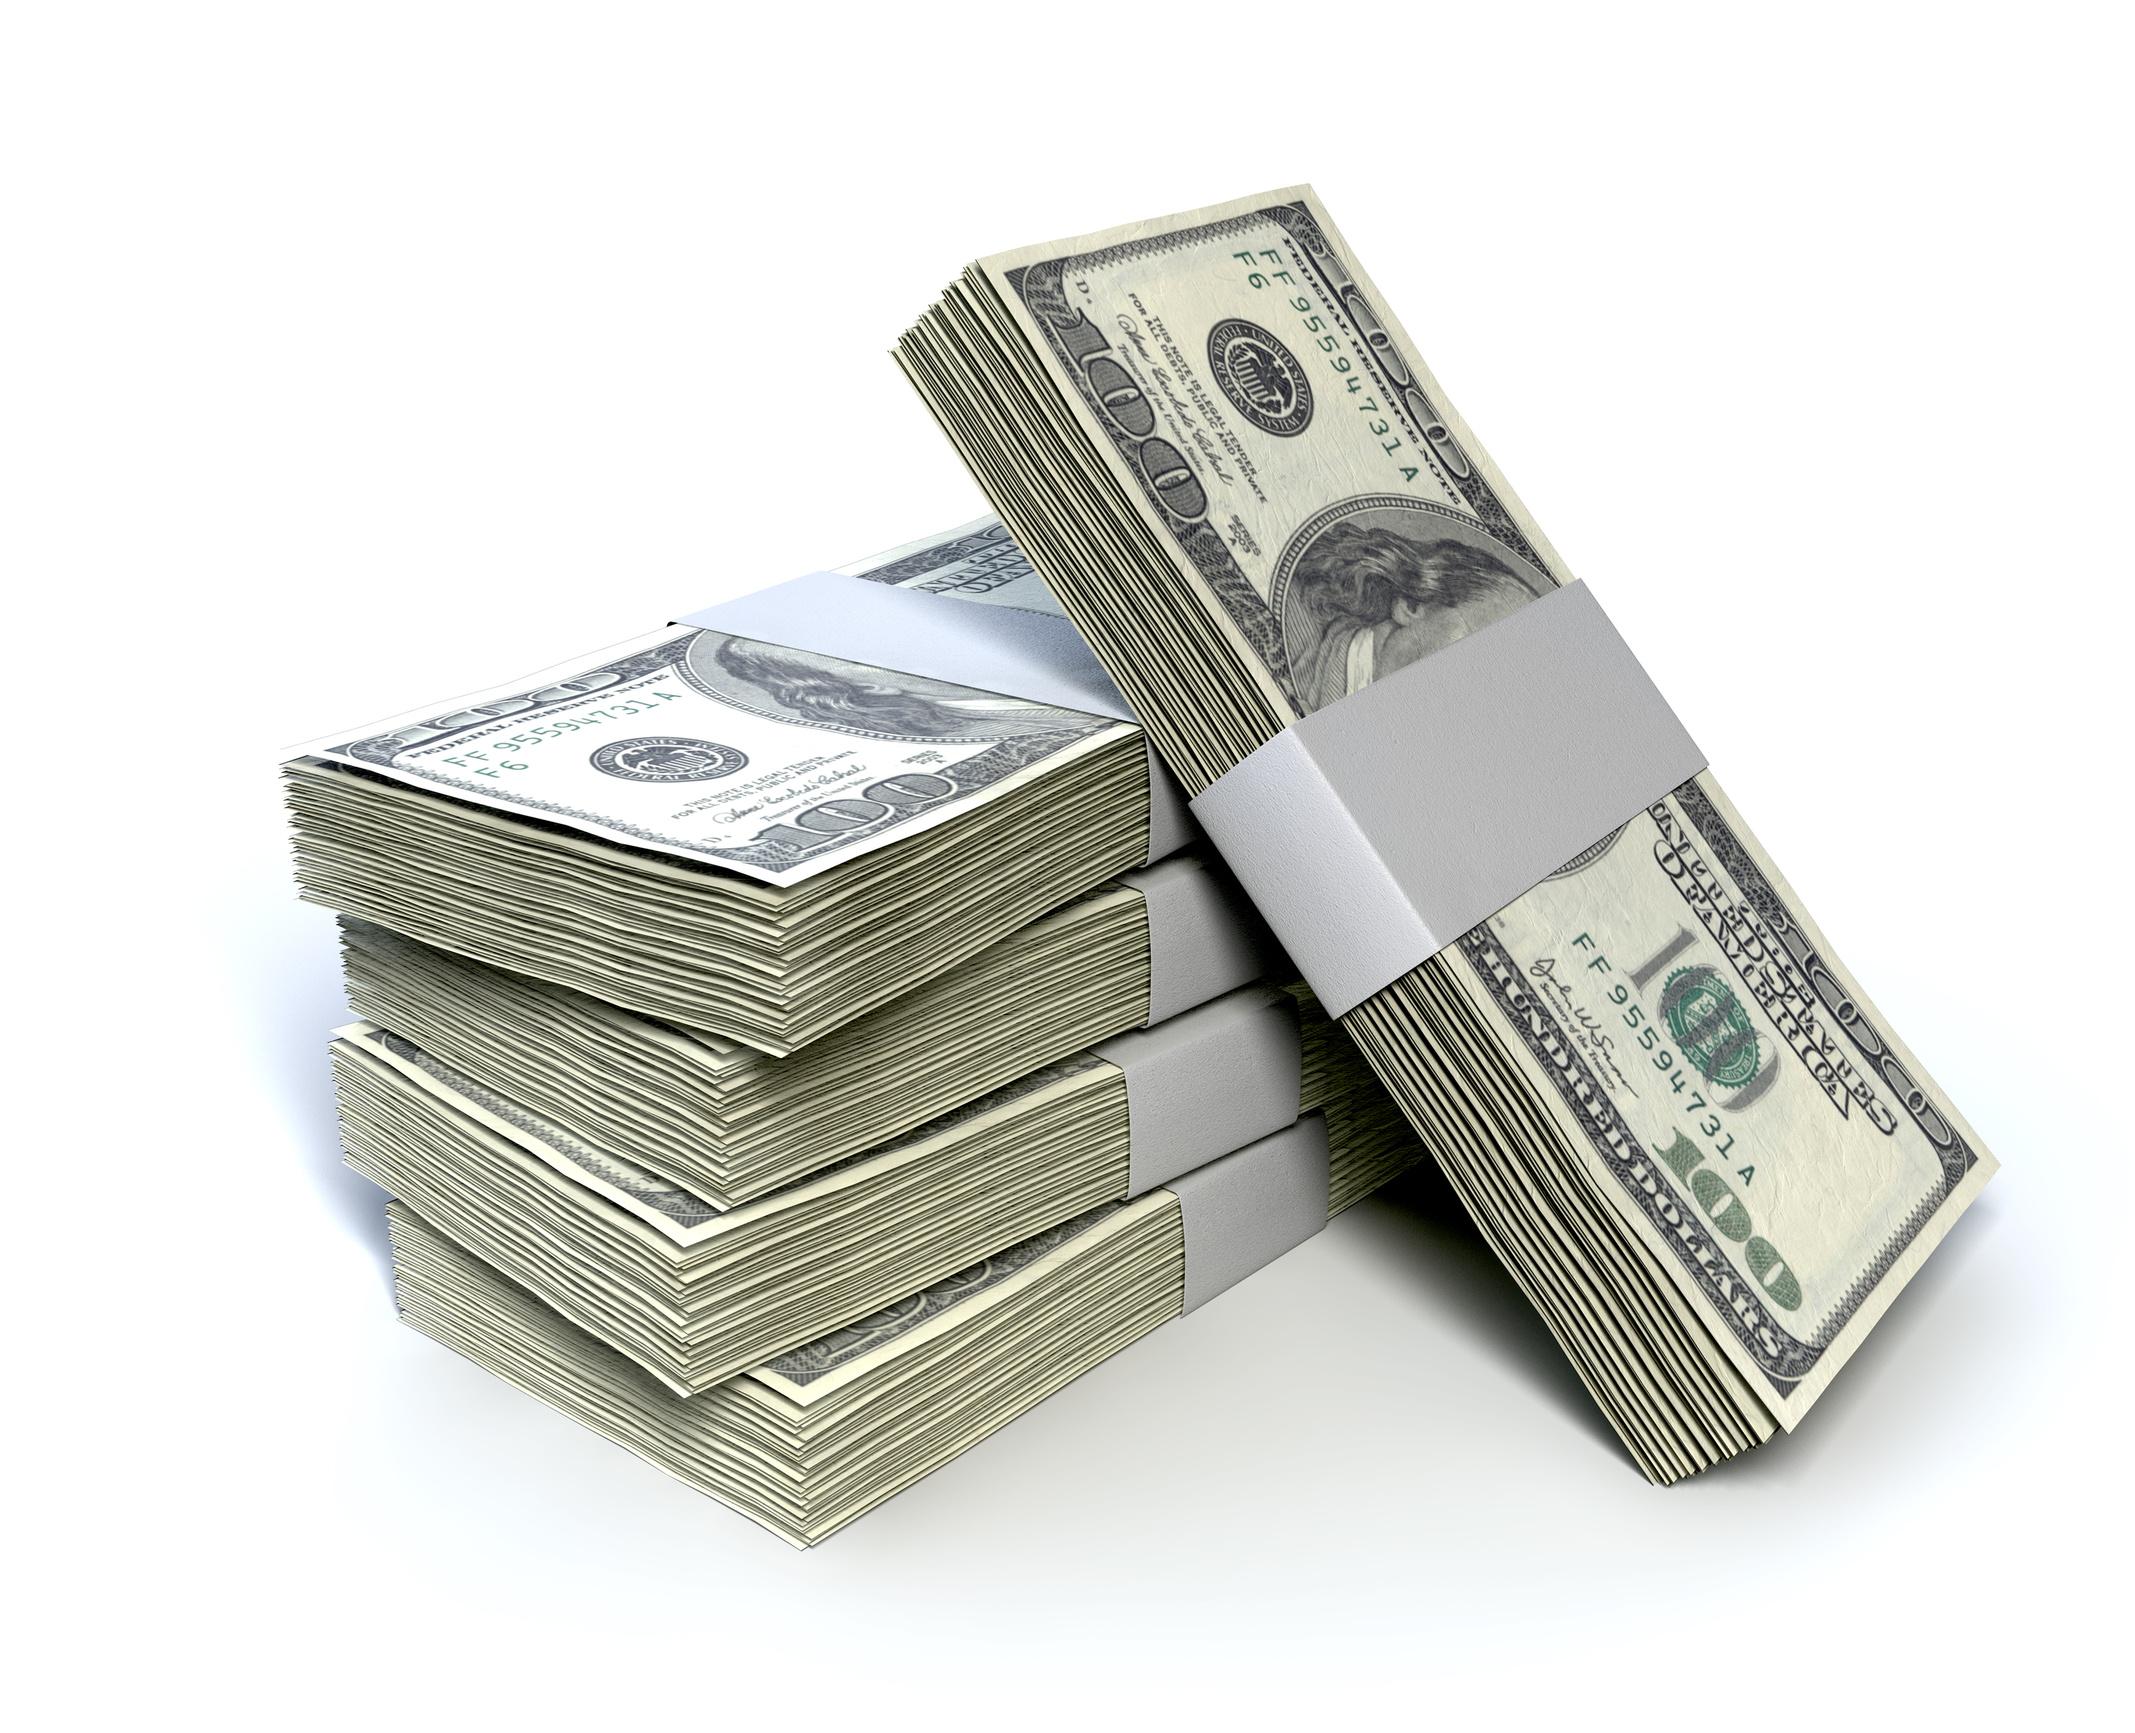 有專家指出,中共如果拋售美債作為應對貿易戰的手段,無疑是啟動自毀核選項,最終會傷到自己。圖為一堆美元鈔票。(Fotolia)